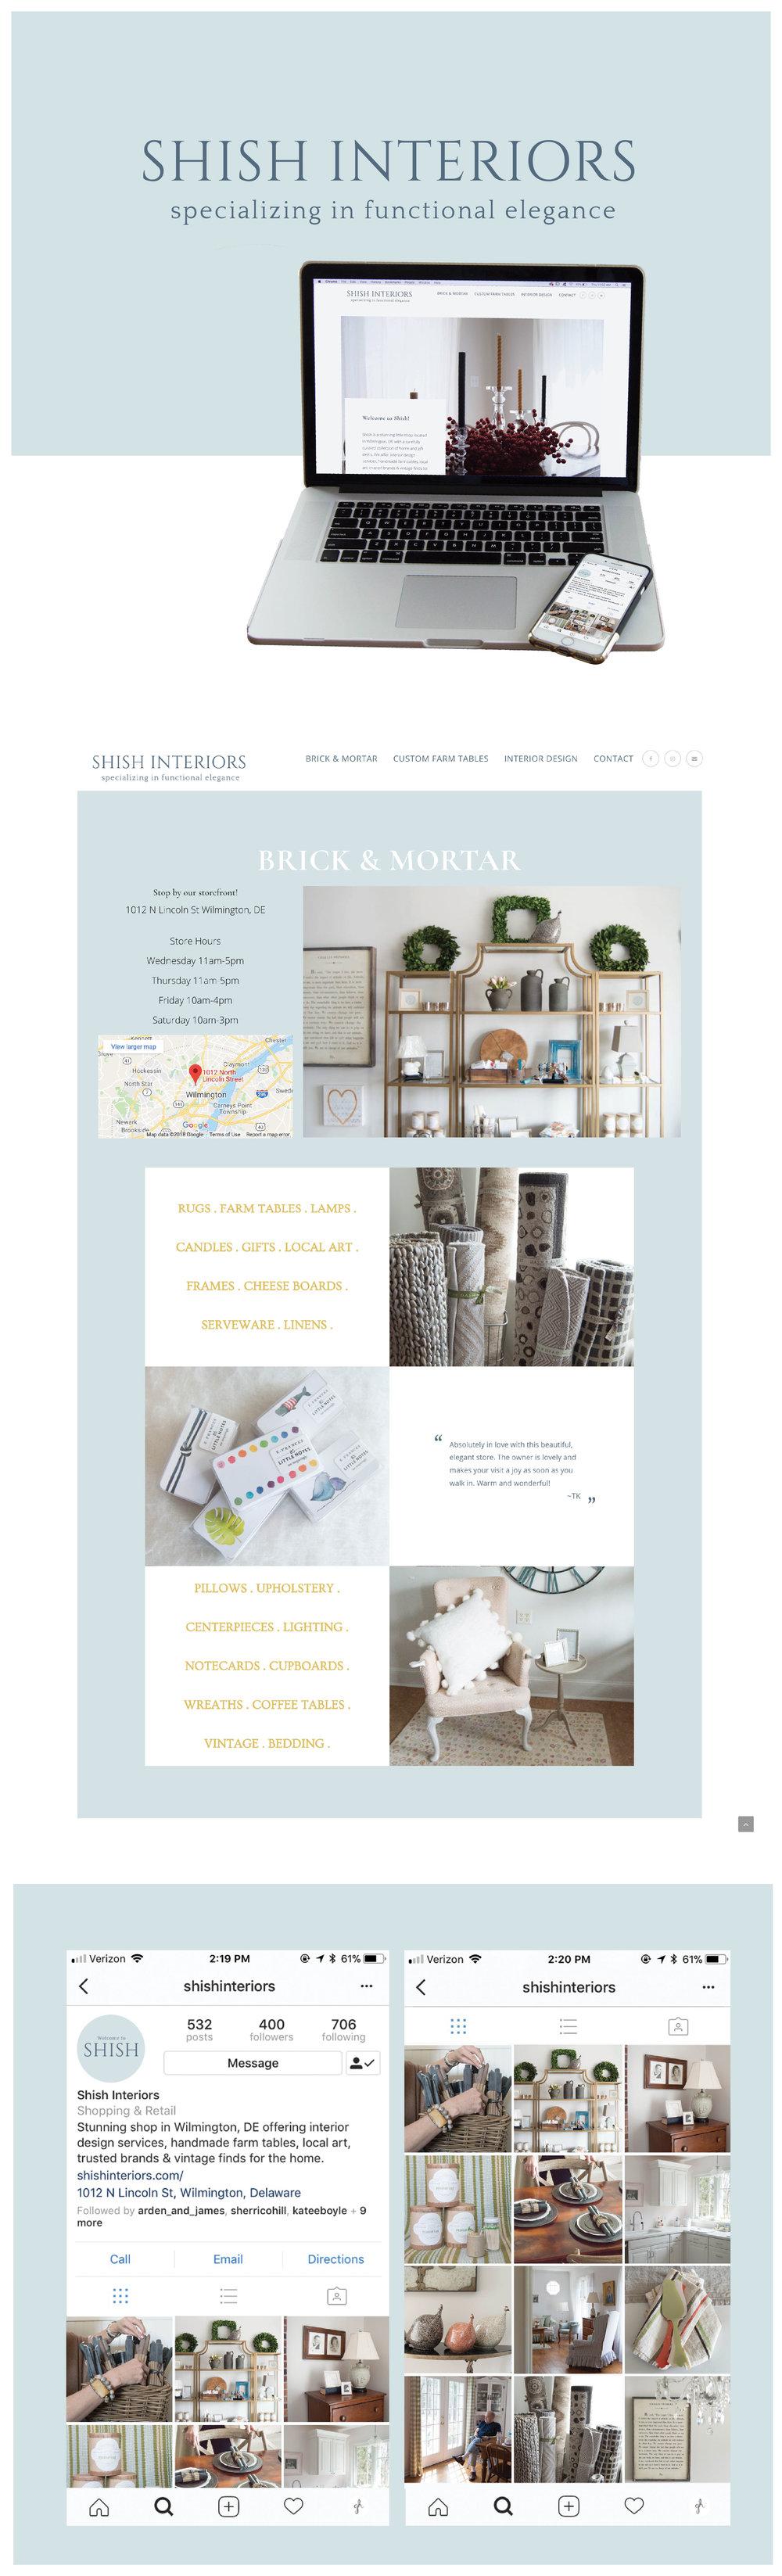 Shish Interiors Rebrand.jpg